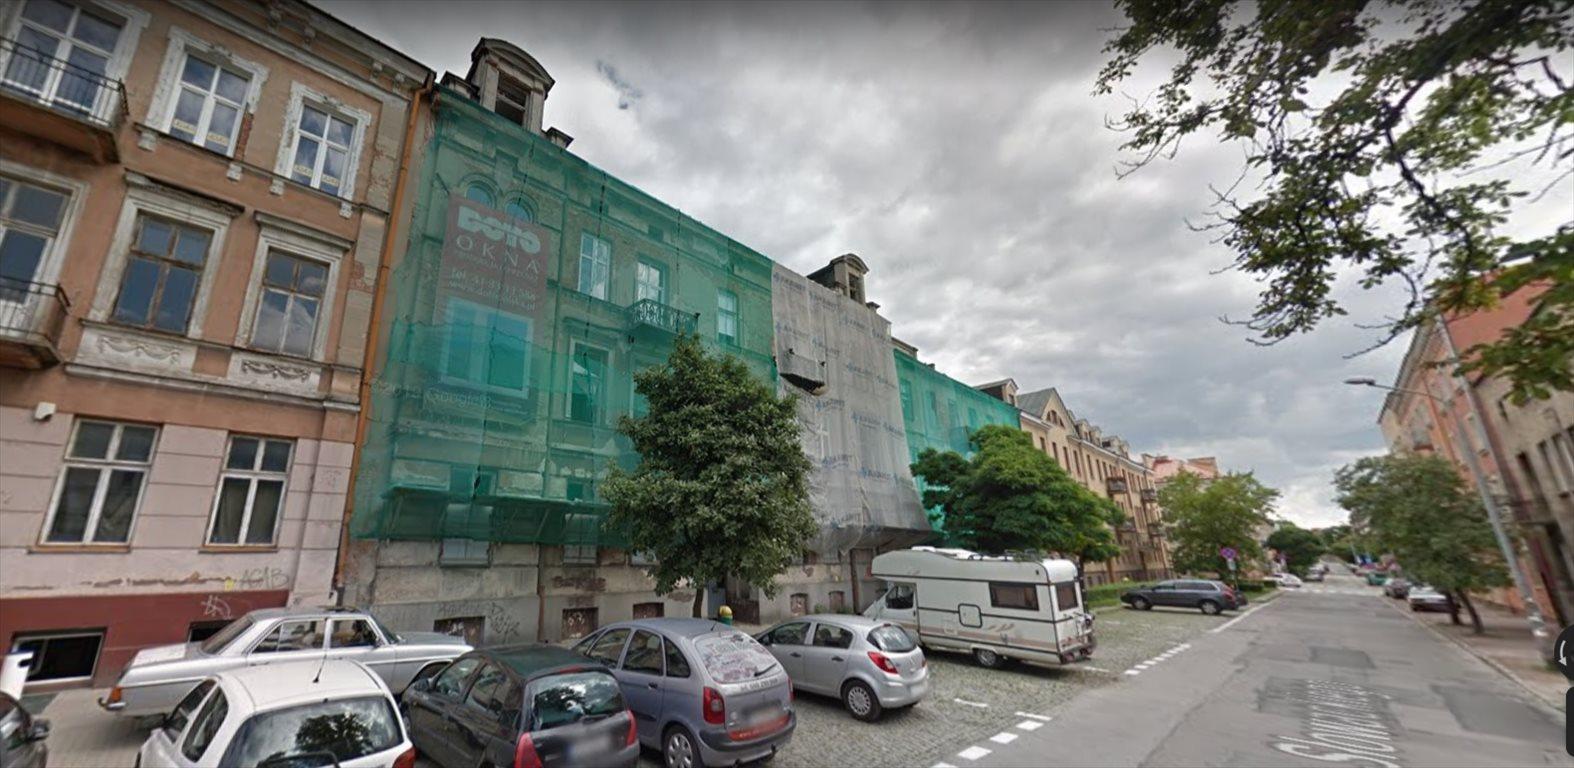 Działka budowlana na sprzedaż Kielce, Słowackiego 3  3601m2 Foto 2